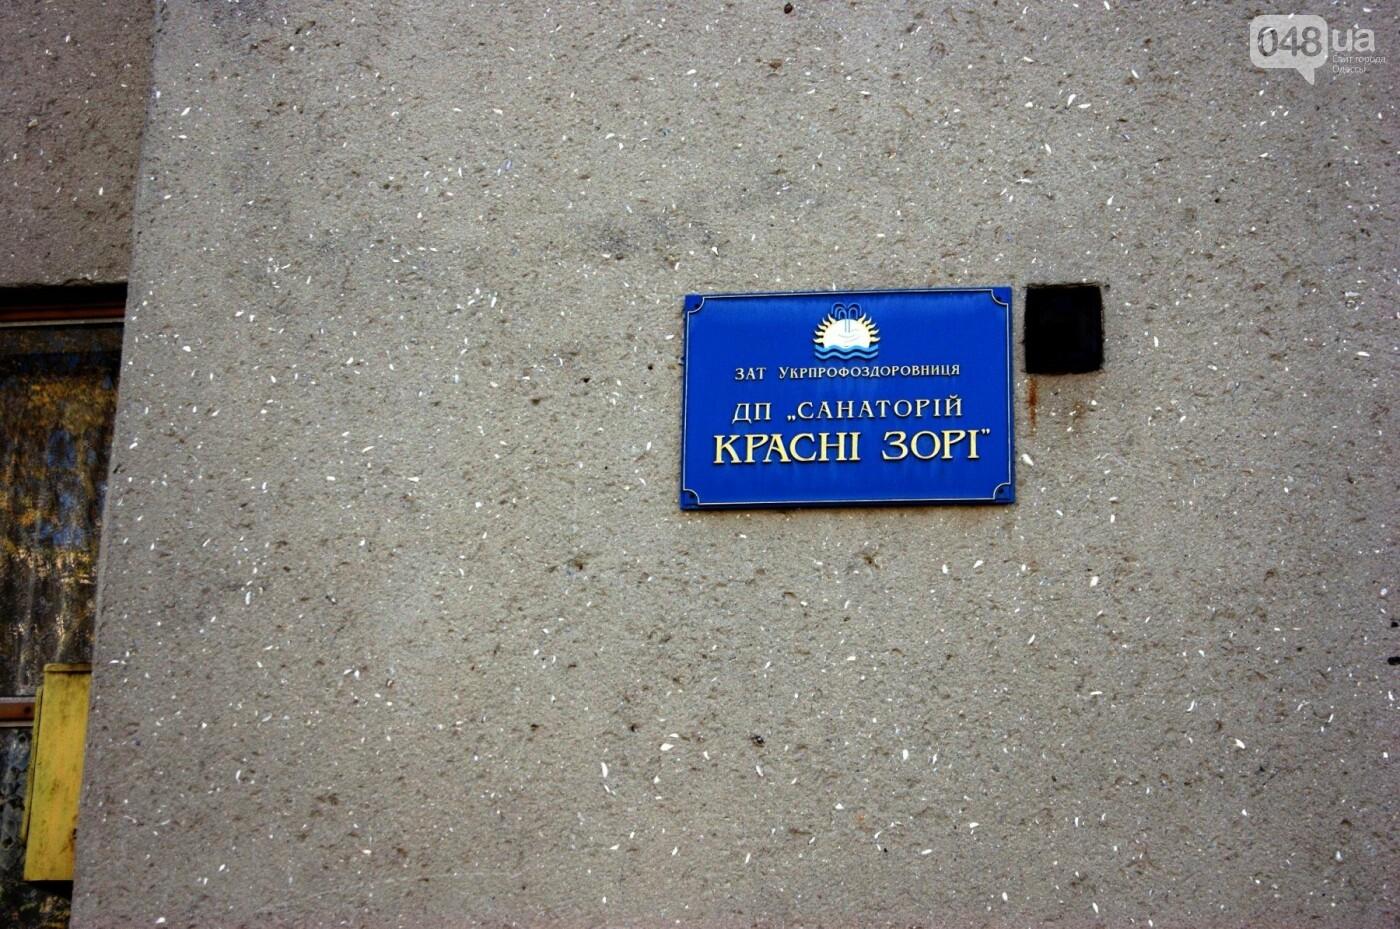 Одесский санаторий продолжает гореть до сих пор (ФОТО, ВИДЕО), фото-9